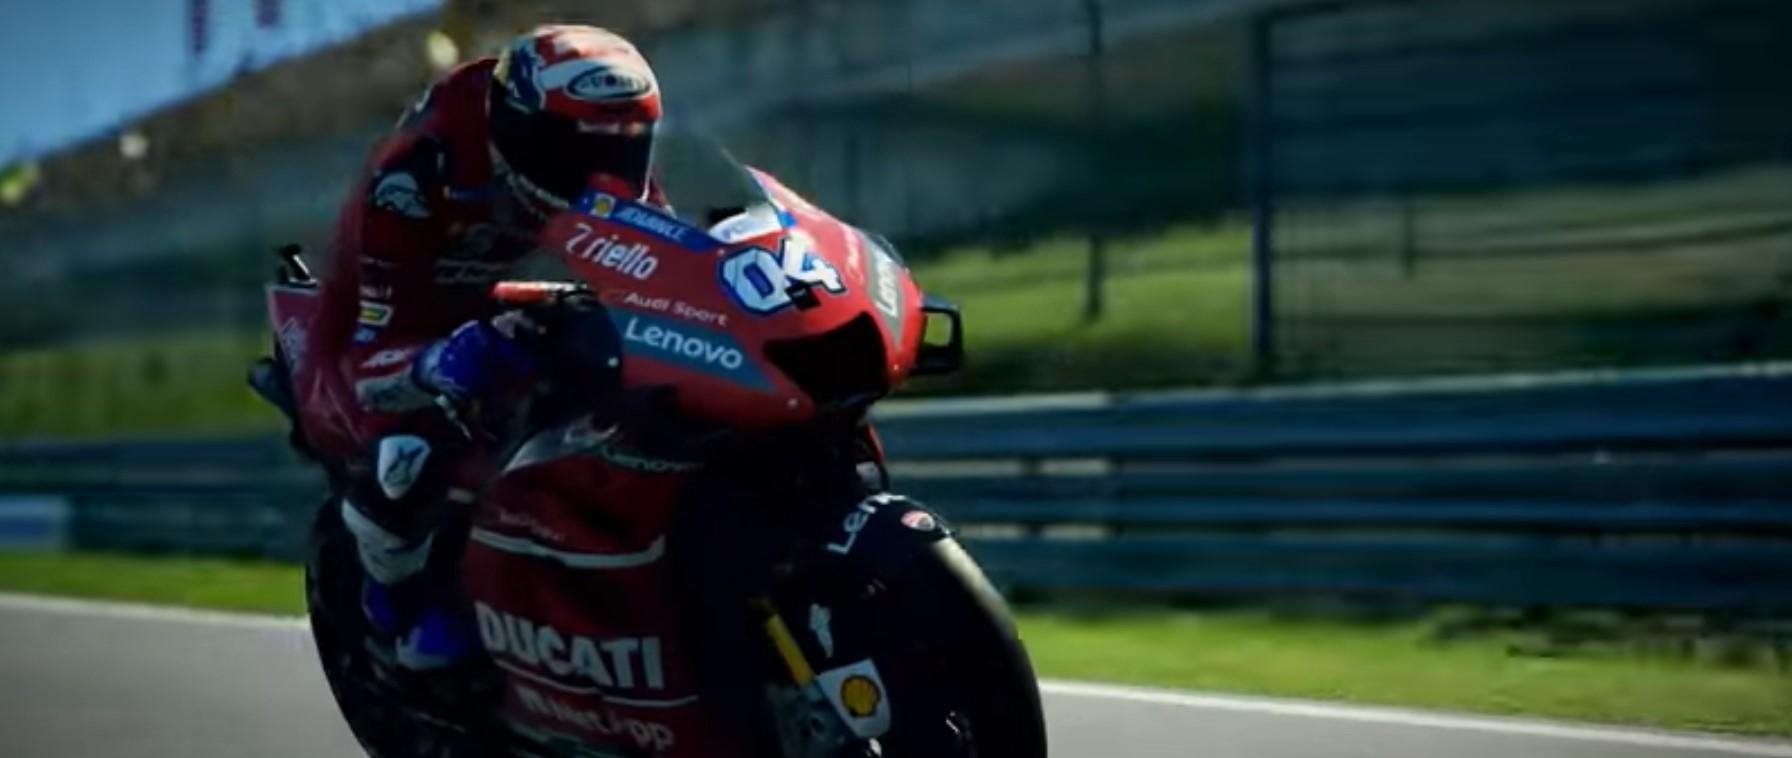 MotoGP 2020, el nuevo simulador de Milestone y Dorna Sports, tiene fecha confirmada